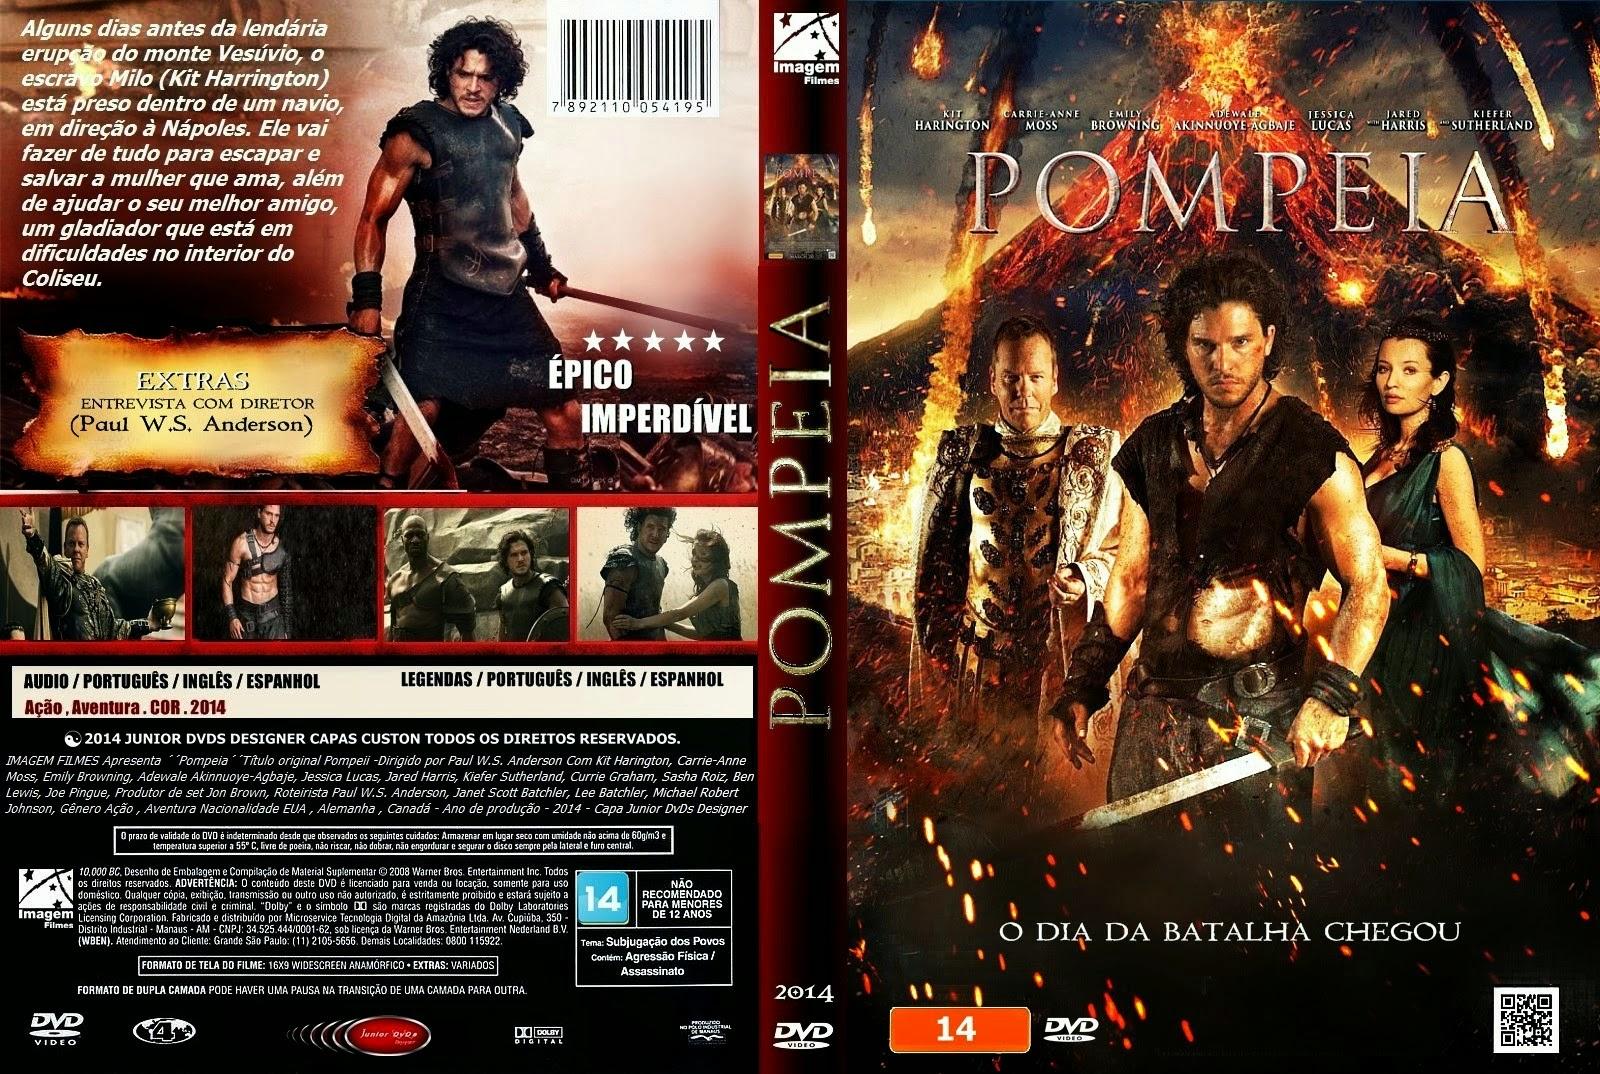 Pompeia filme 2014 dublado online dating 1